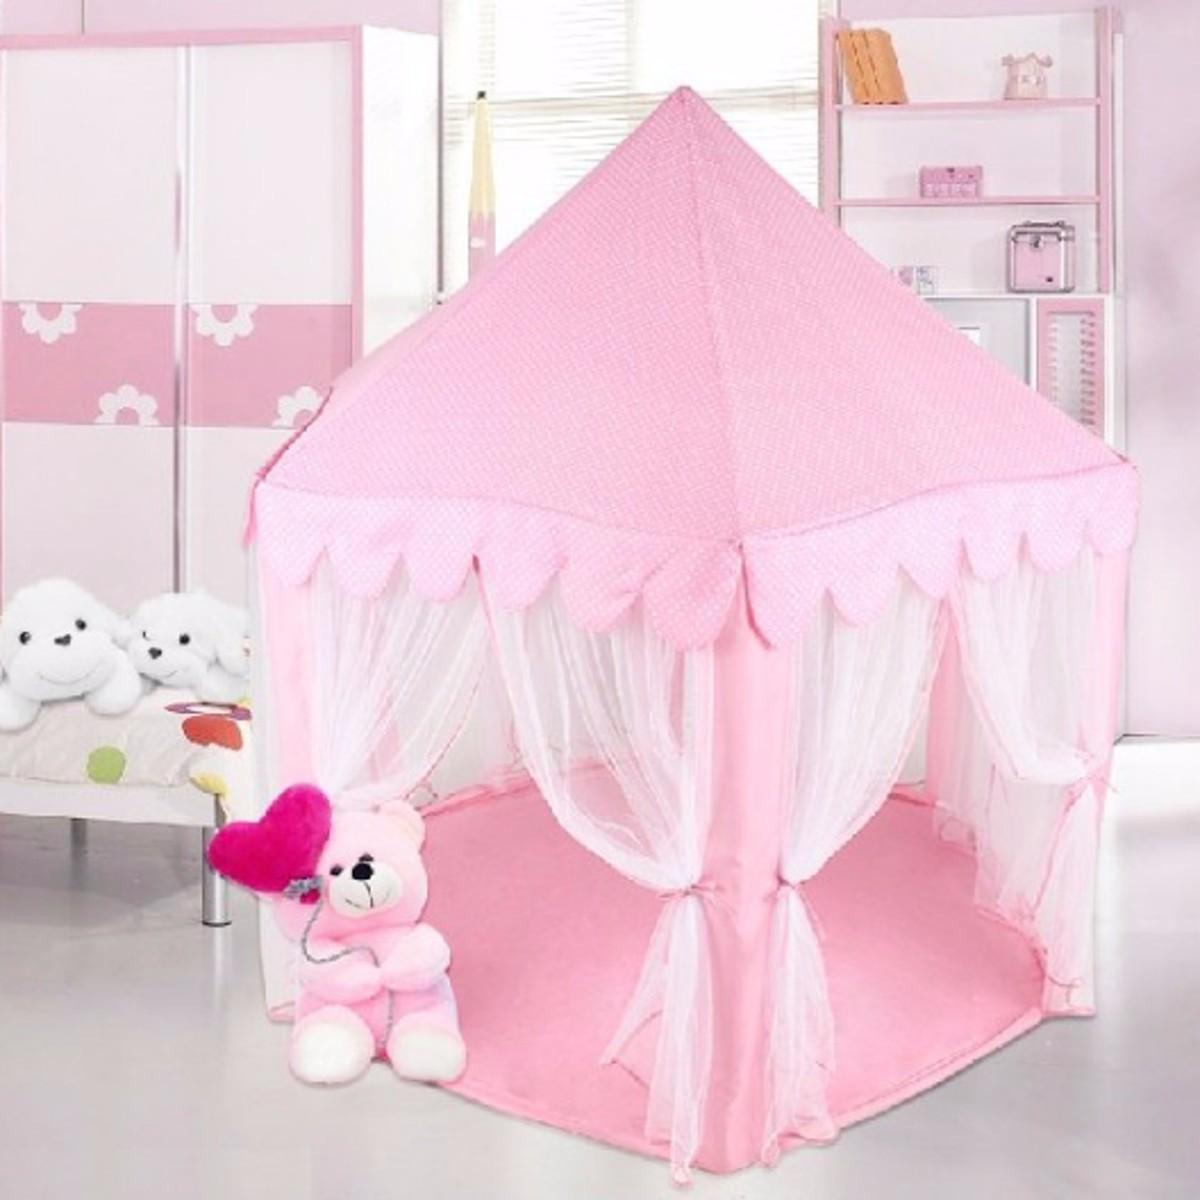 Портативный Замок принцессы играть палатки активности Сказочный домик весело театр пляж палатка ребенок играет игрушка подарок для детей